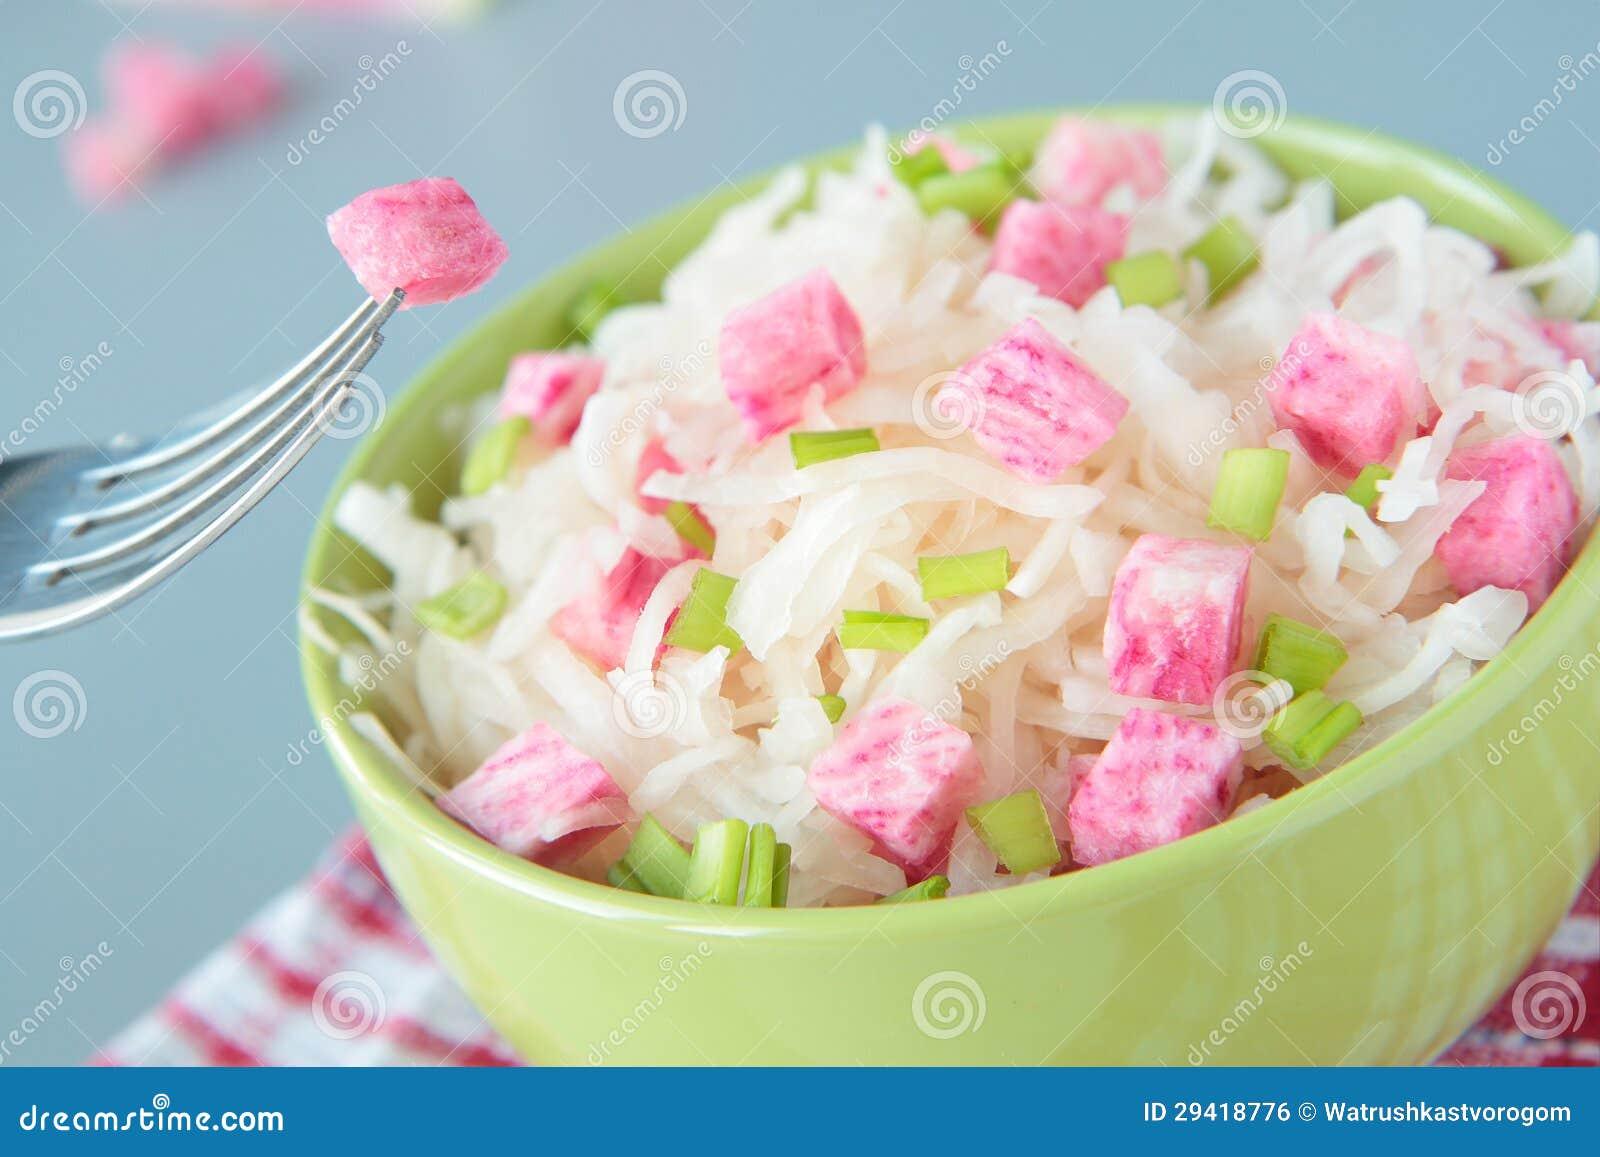 Salade de choucroute de radis rose et d 39 oignon vert image libre de droits image 29418776 - Radis rose d hiver de chine ...